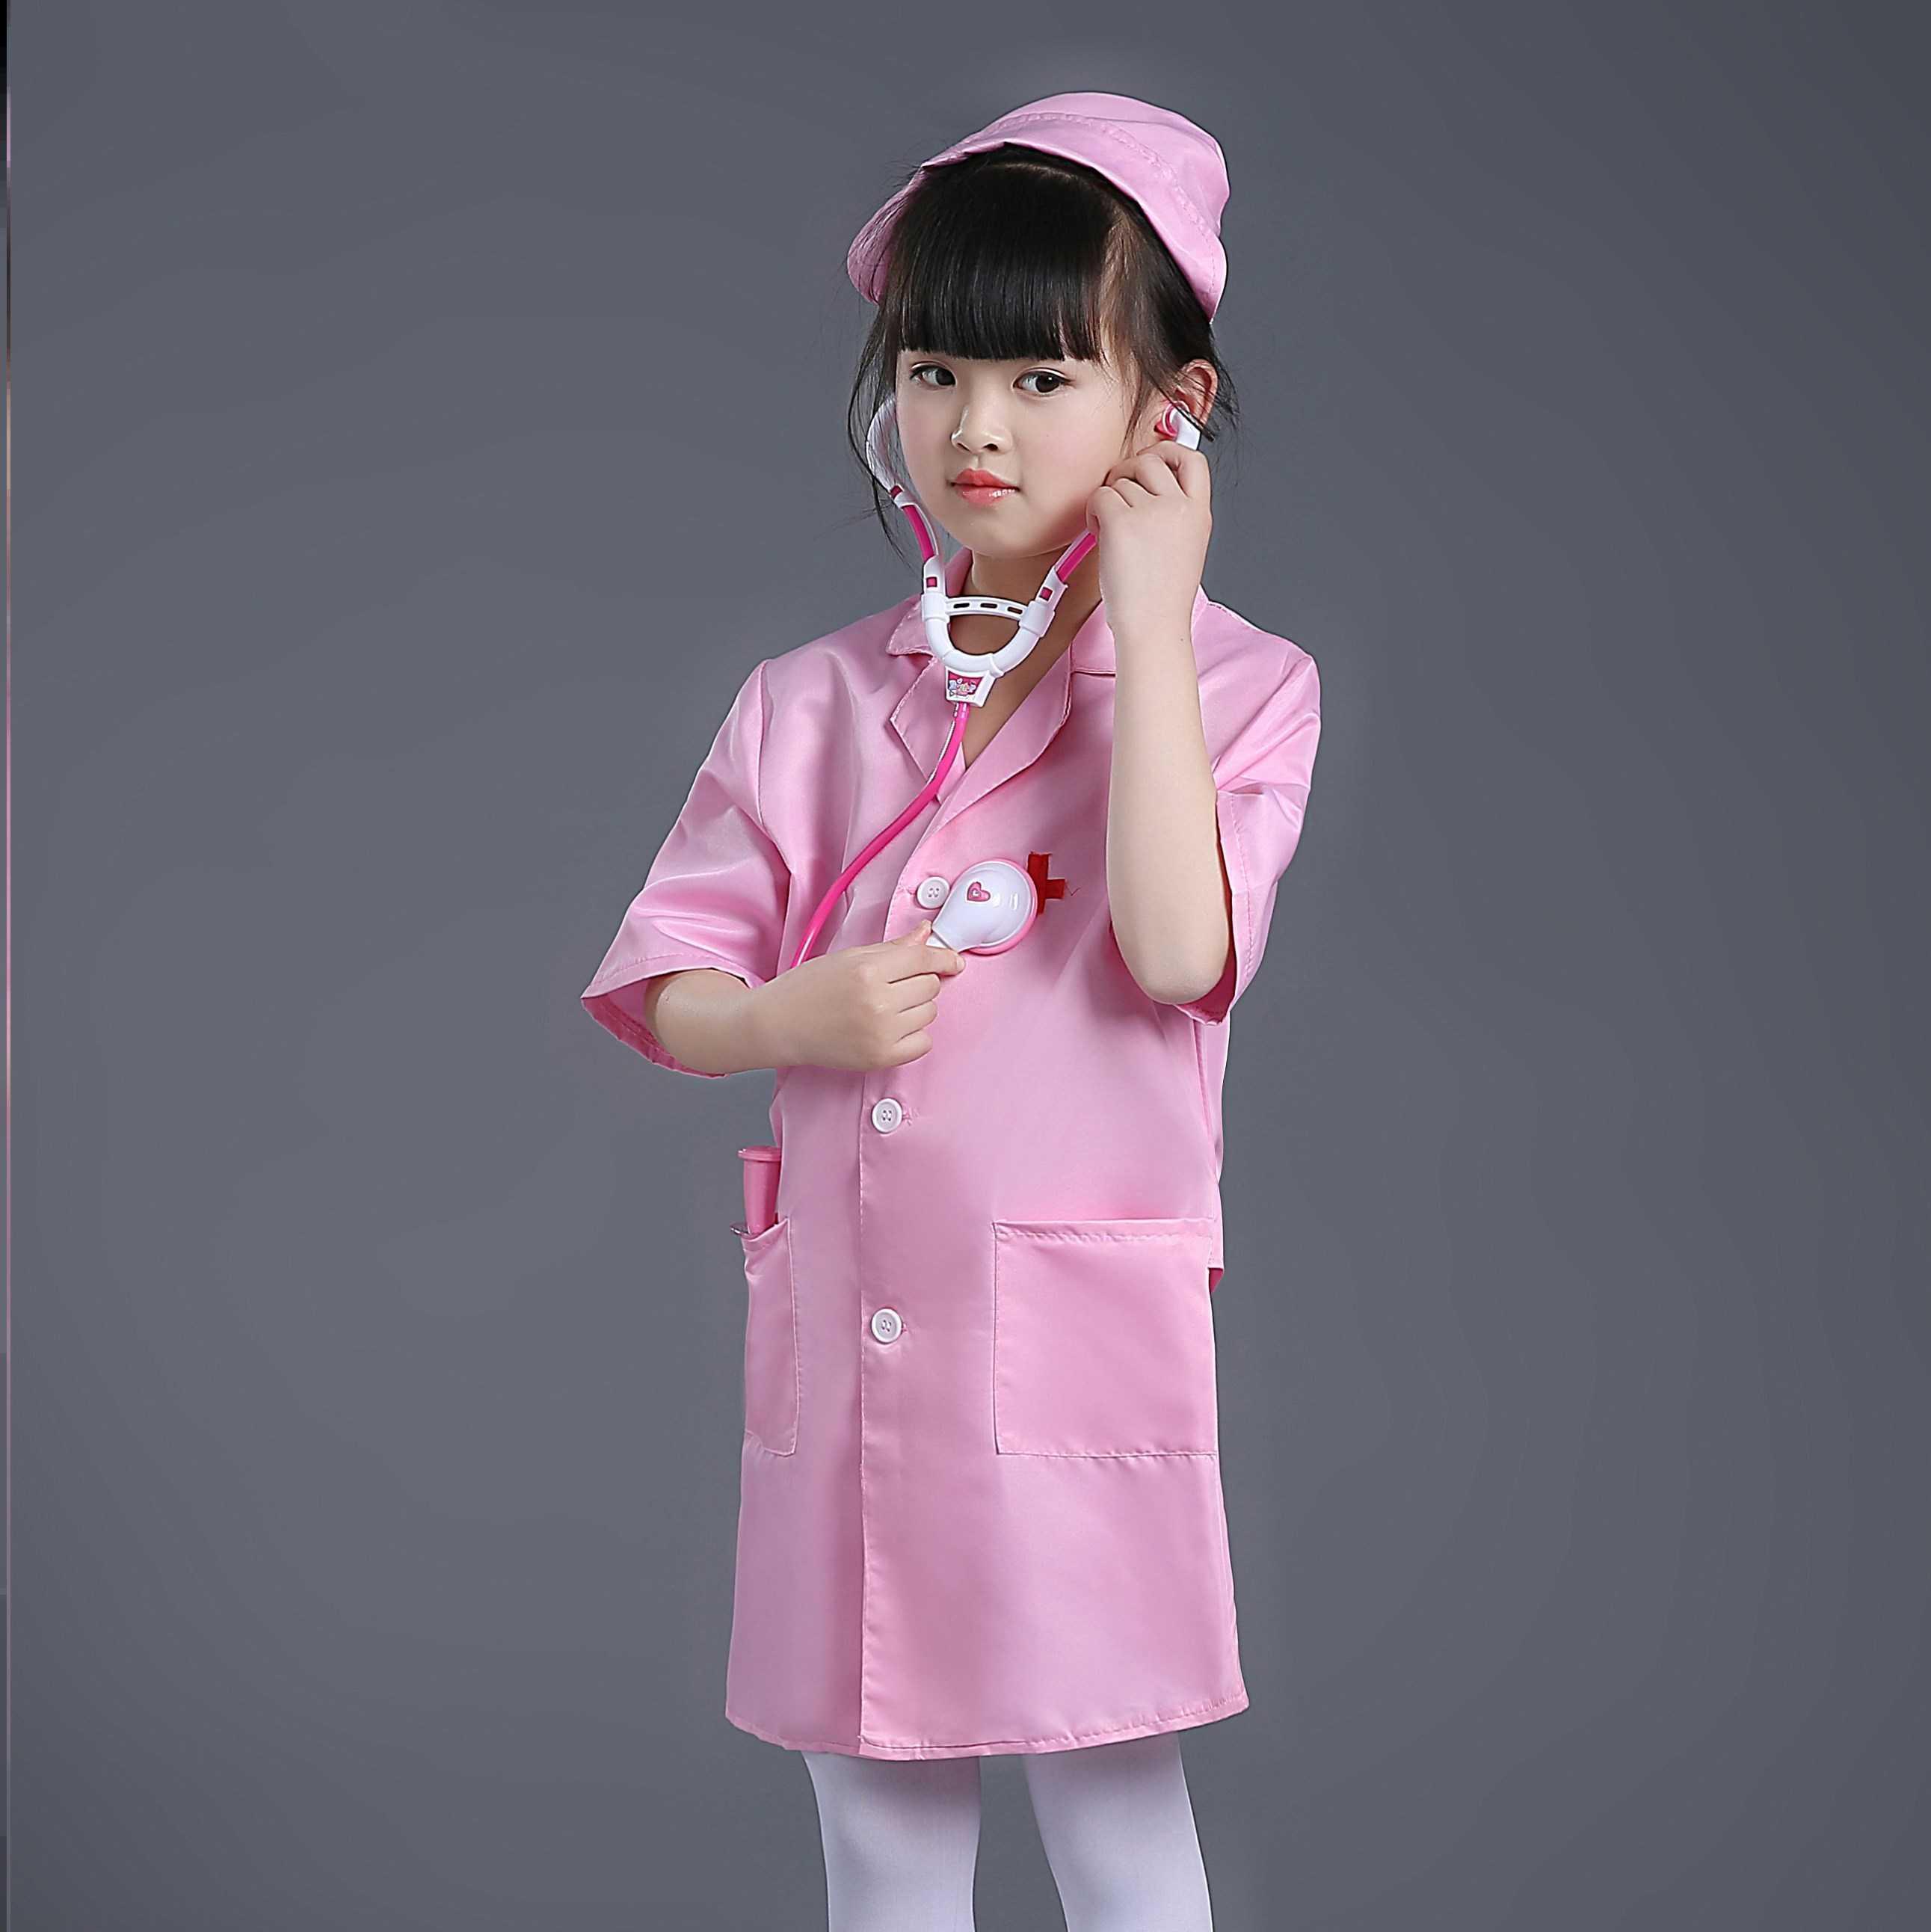 儿童角色扮演服装LOO医生服小孩活动小学生职业护士服个性可定制